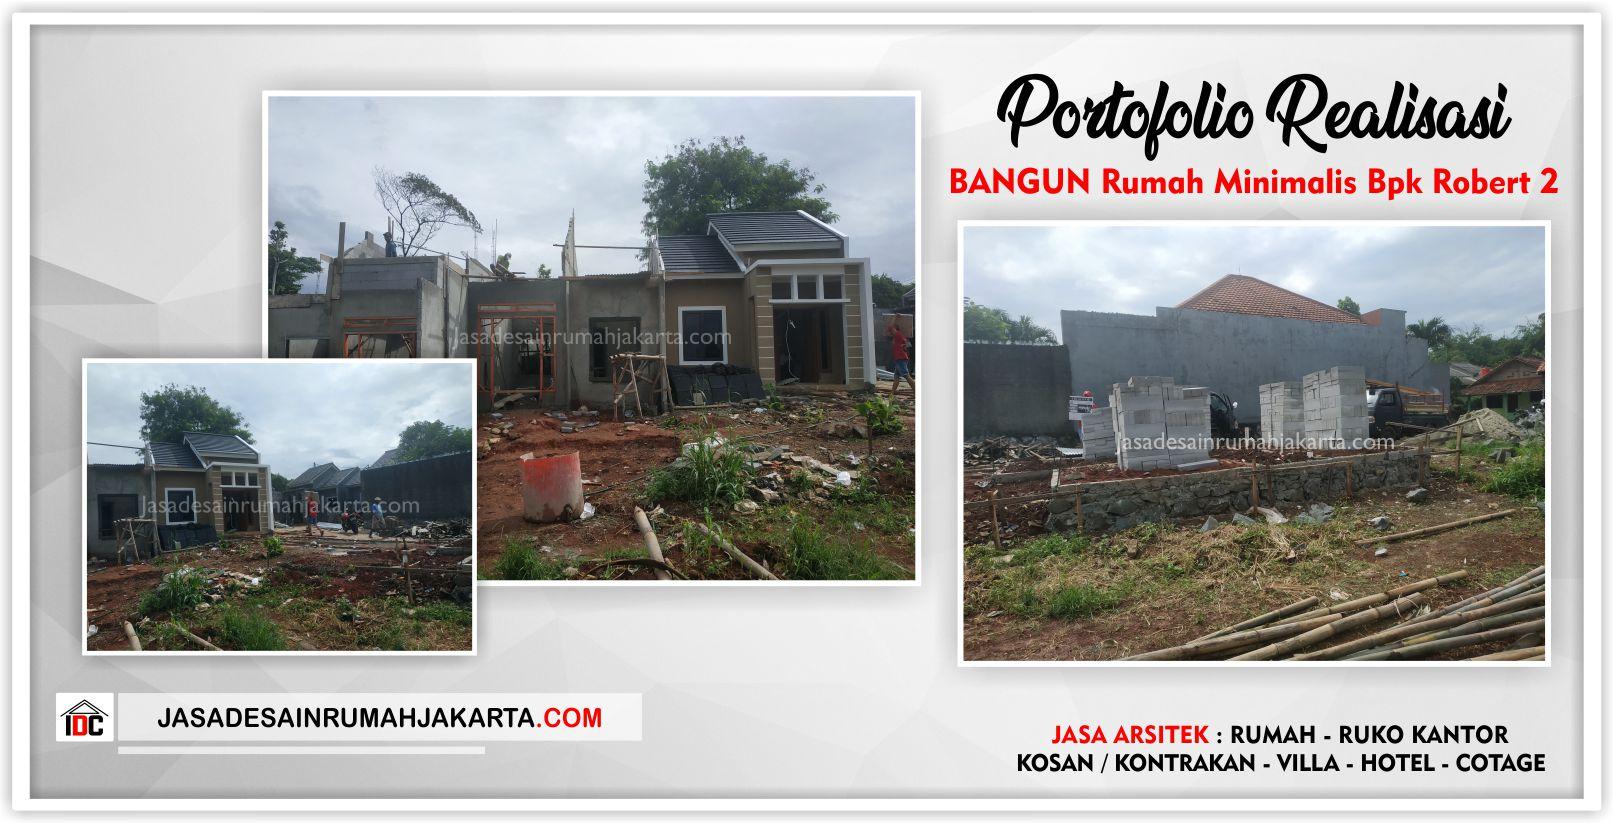 Realisasi Kunjungan Rumah Bpk Robert-Arsitek Gambar Desain Rumah Minimalis Modern Di Jakarta-Bekasi-Surabaya-Tangerang-Jasa Konsultan Desain Arsitek Profesional 5